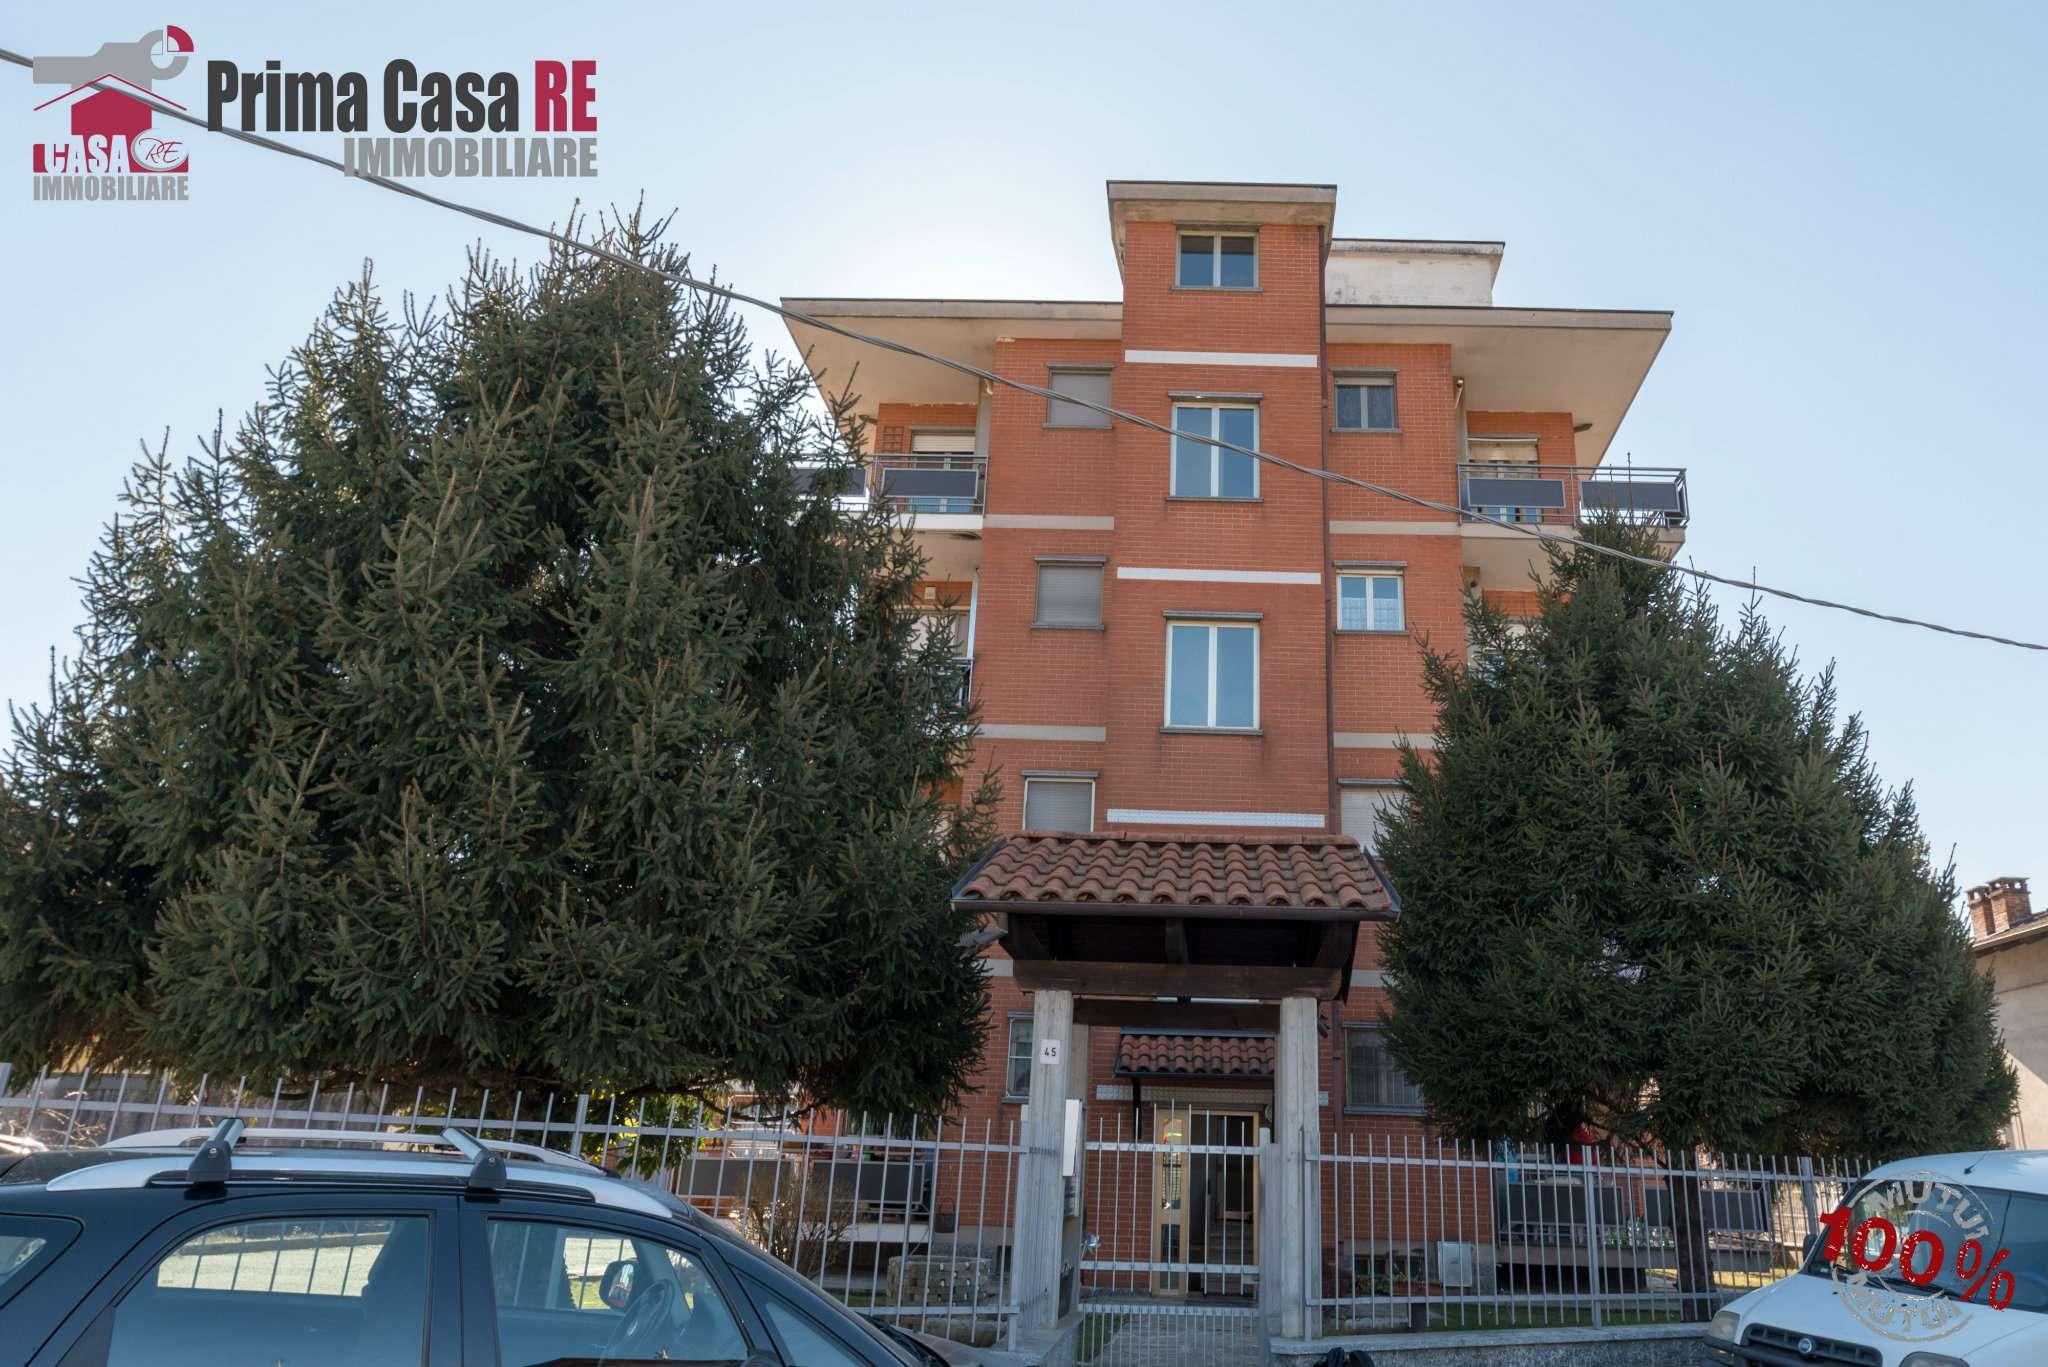 Appartamento in vendita a Volpiano, 3 locali, prezzo € 73.000 | CambioCasa.it